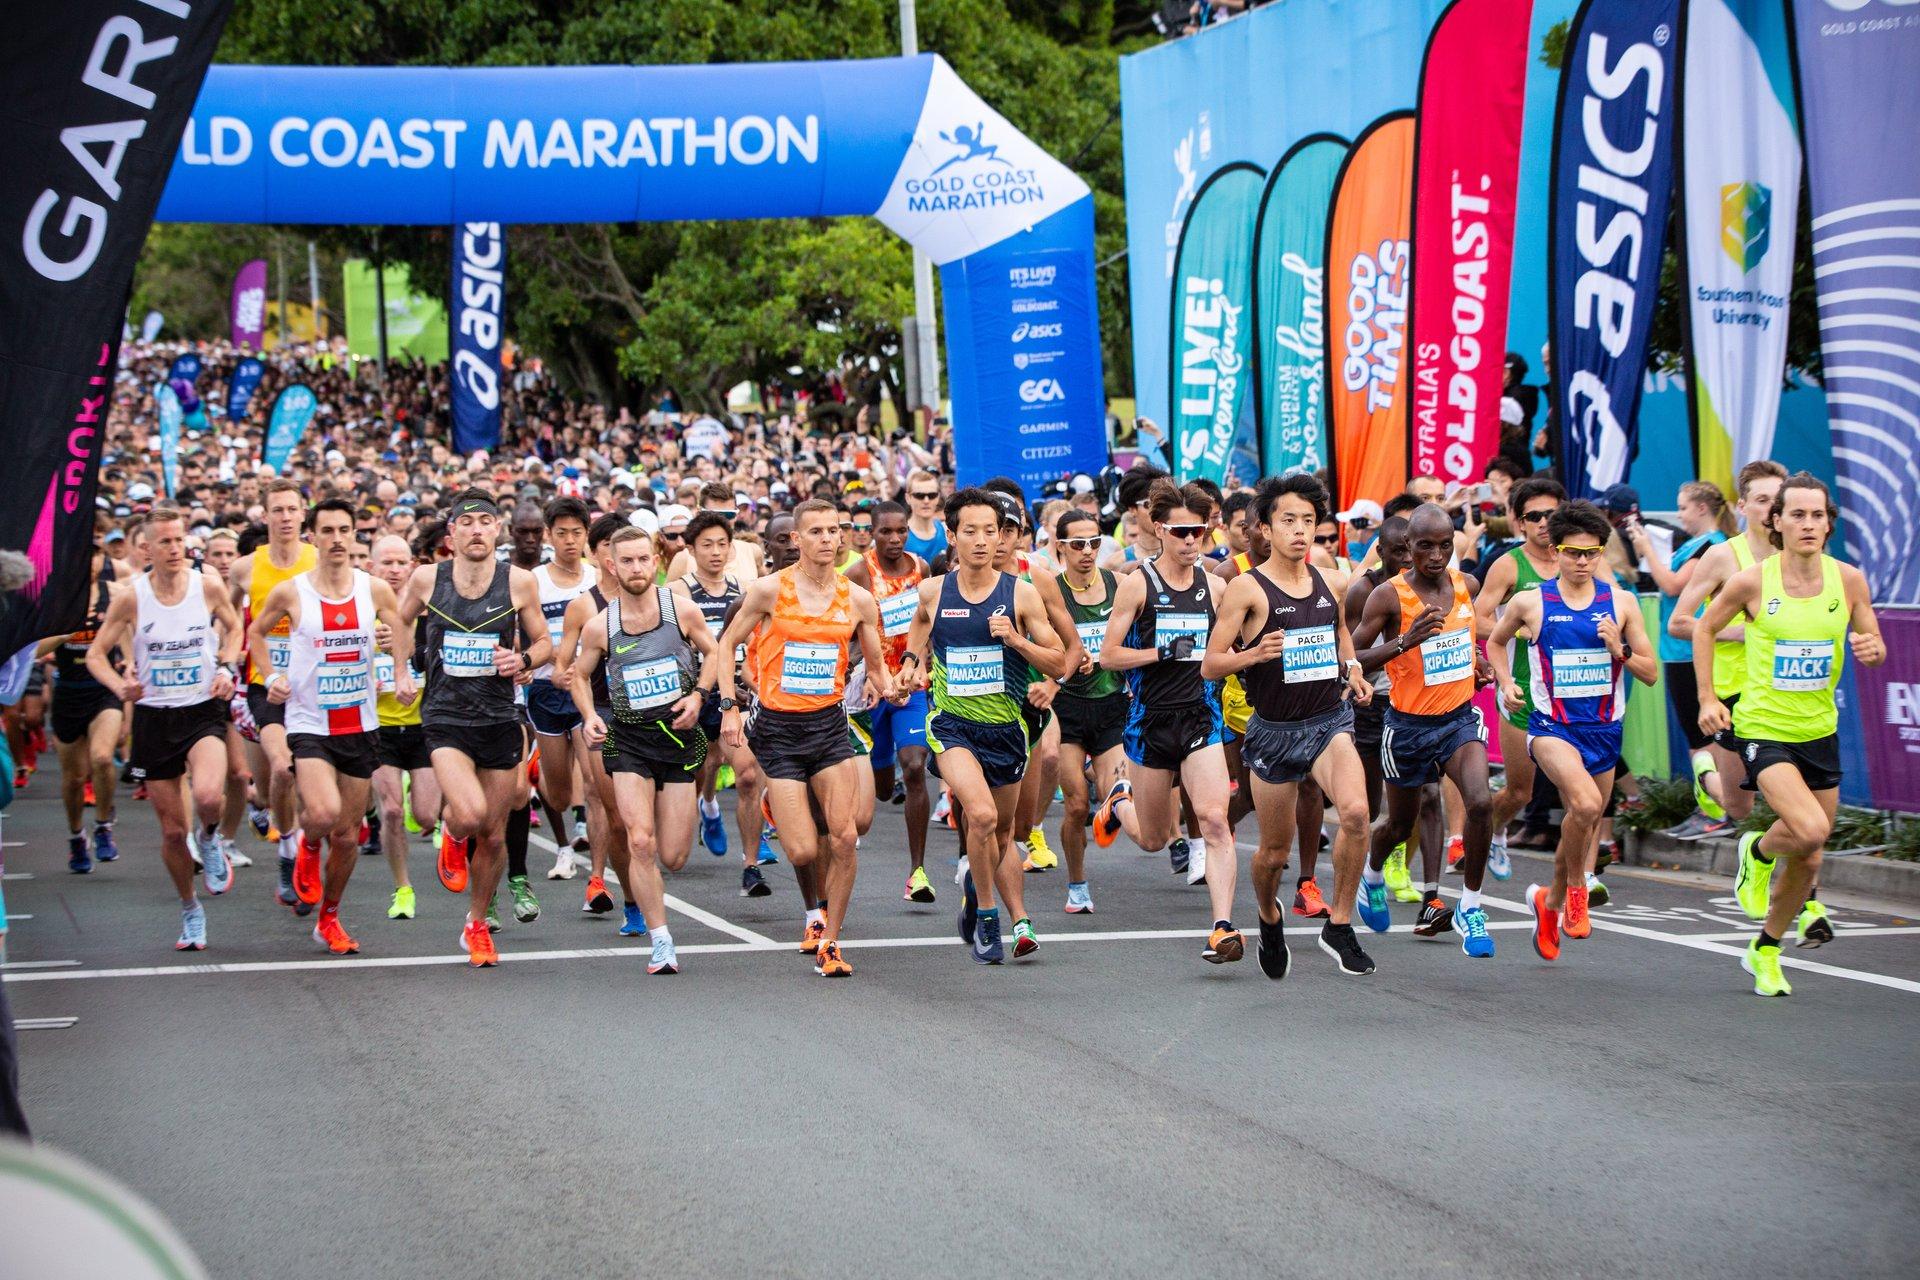 Gold Coast Marathon in Australia - Best Season 2020